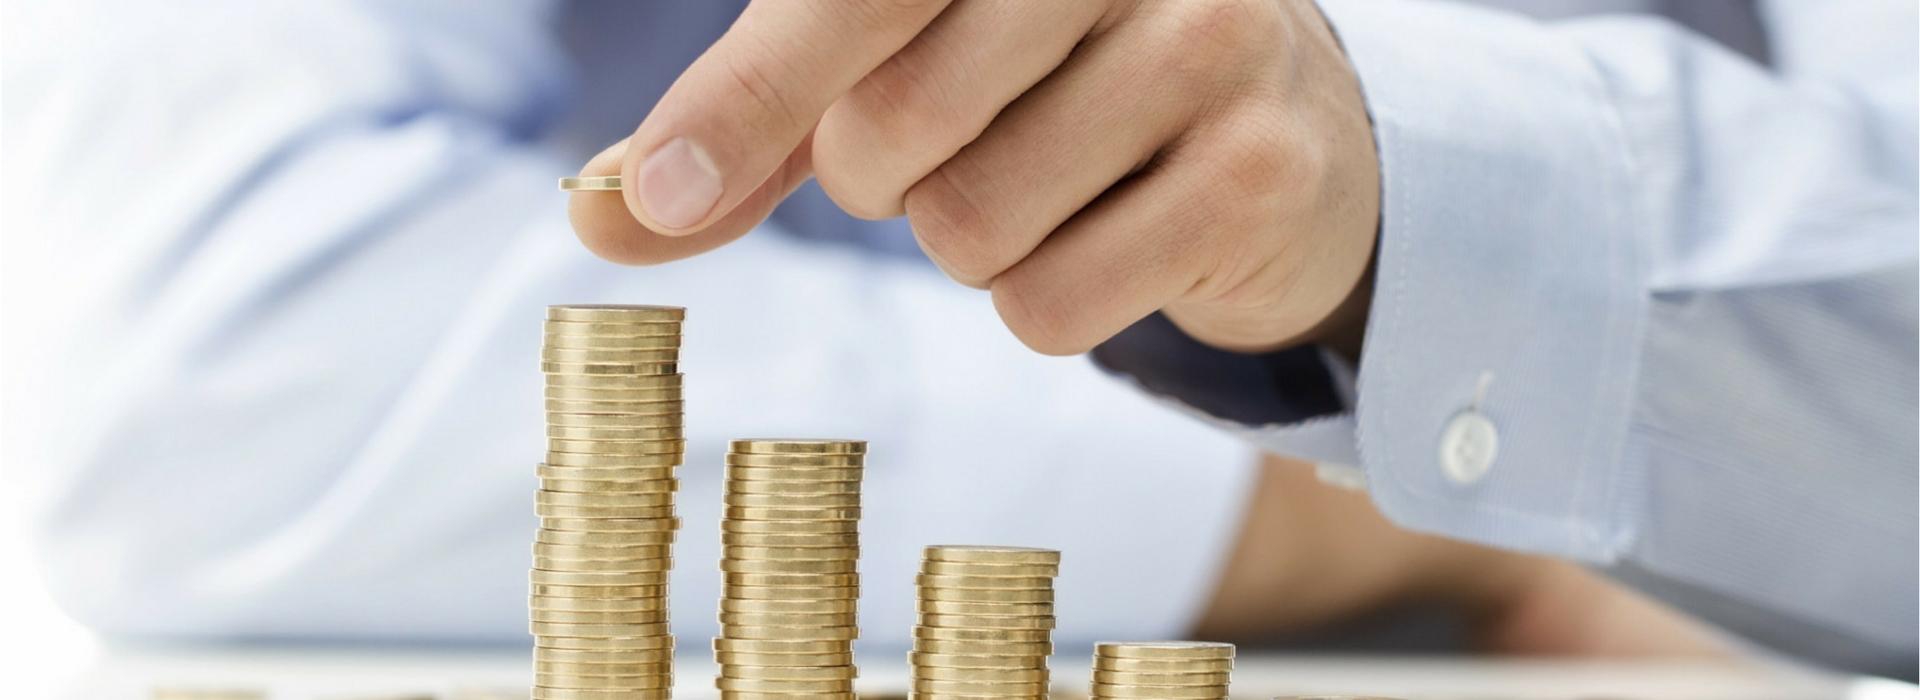 Le tristi vicende del sistema bancario-finanziario